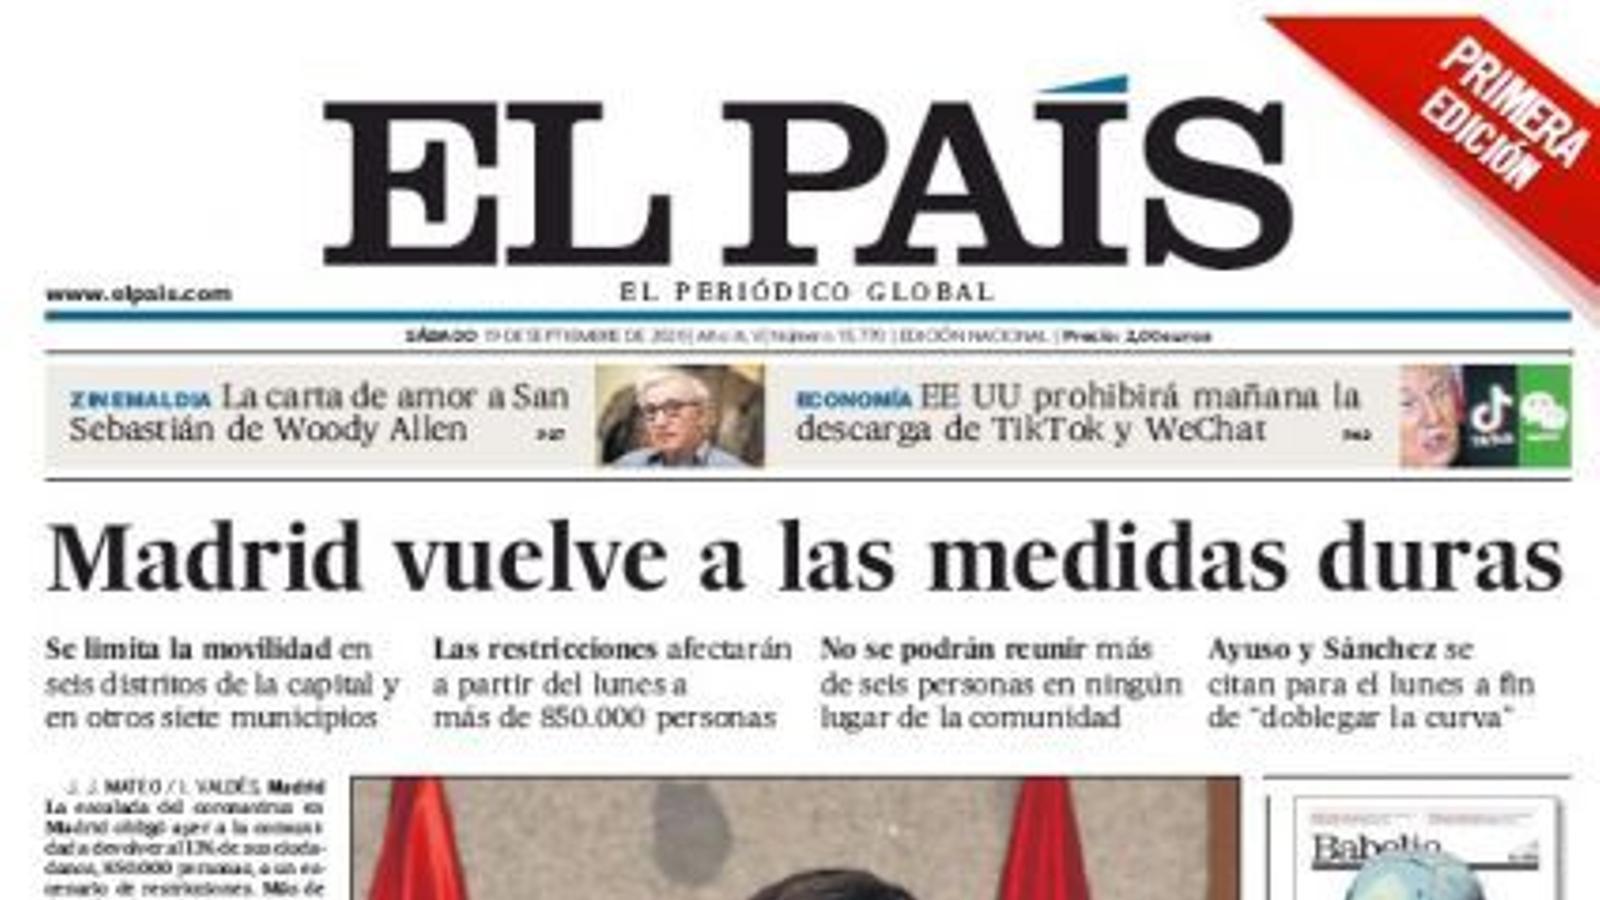 19/9/20 El País